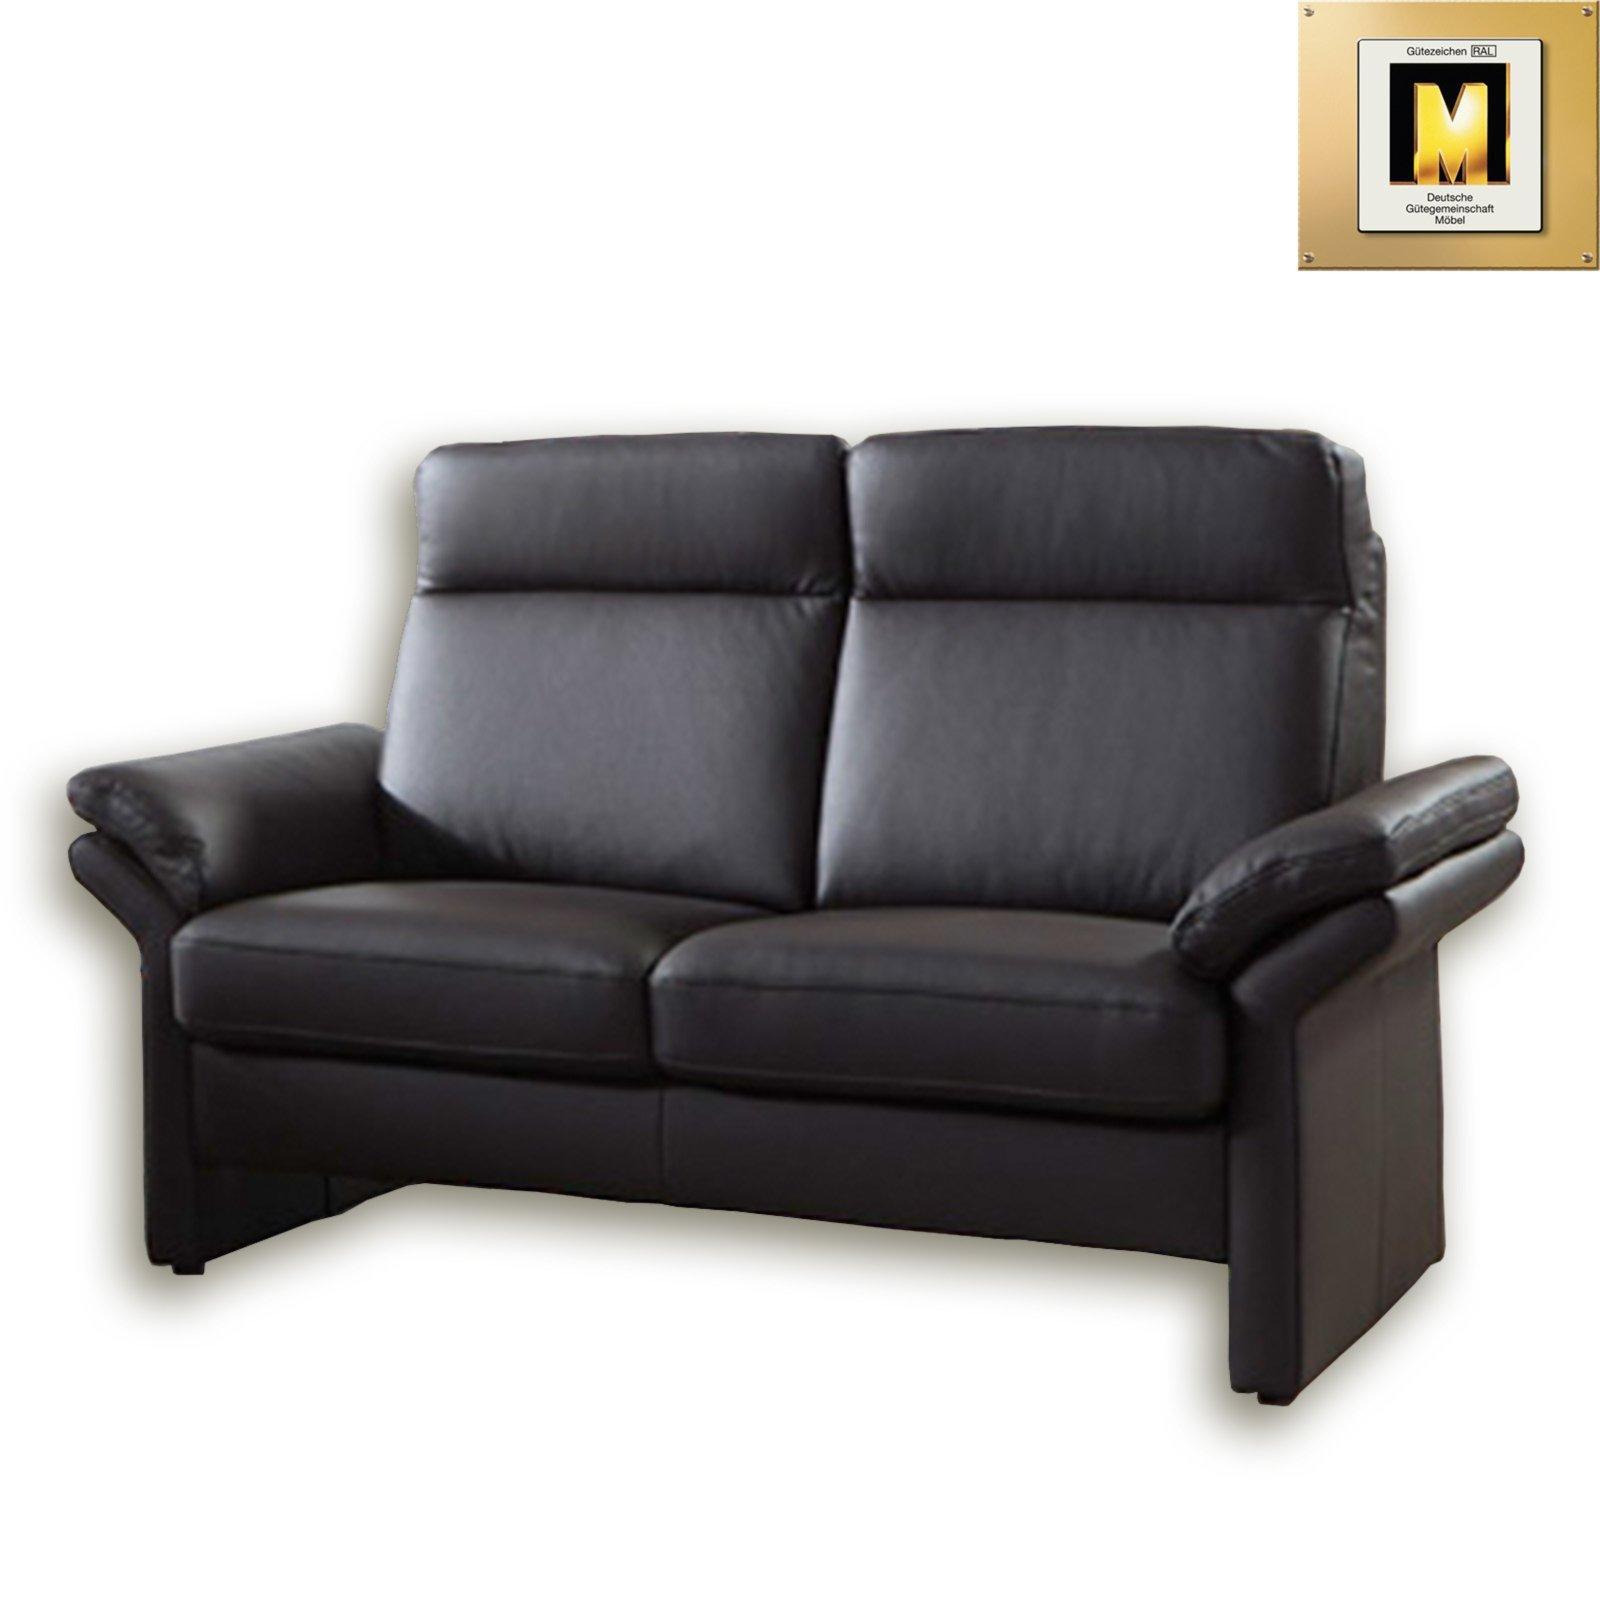 2 sitzer ledersofa braun federkern einzelsitzauszug polstergarnitur braun federkern. Black Bedroom Furniture Sets. Home Design Ideas